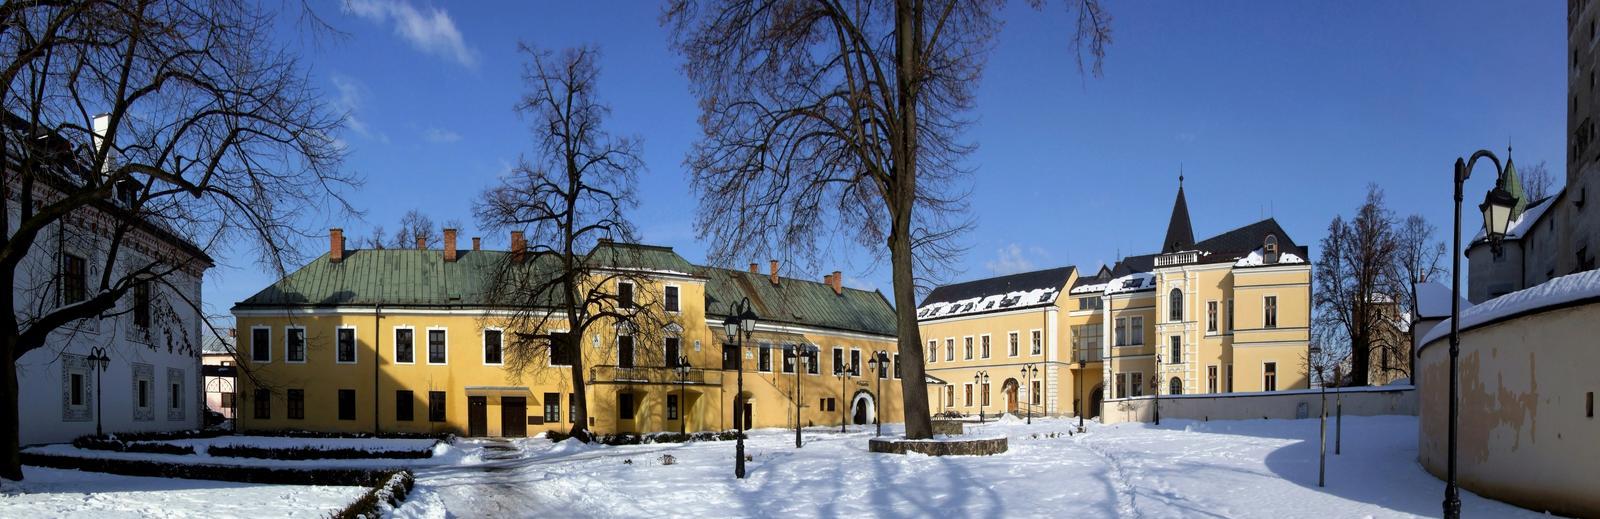 Krásne miesta Slovenska vhodné na svadobné fotenie - Bytča